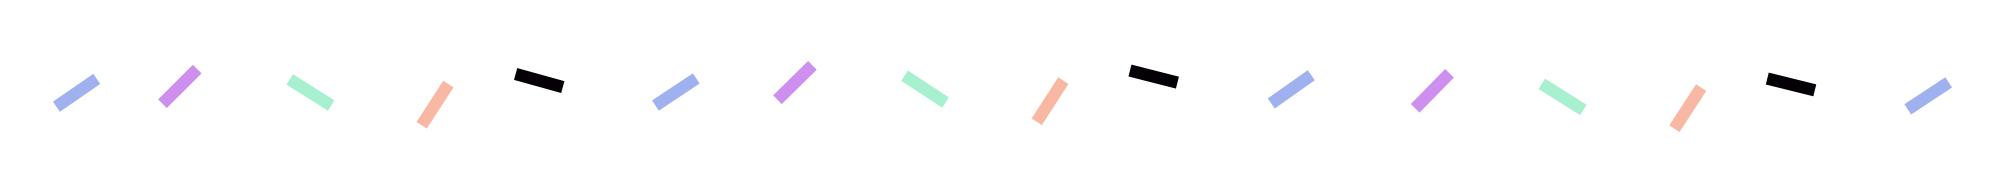 cleo-banner-colourful.jpg